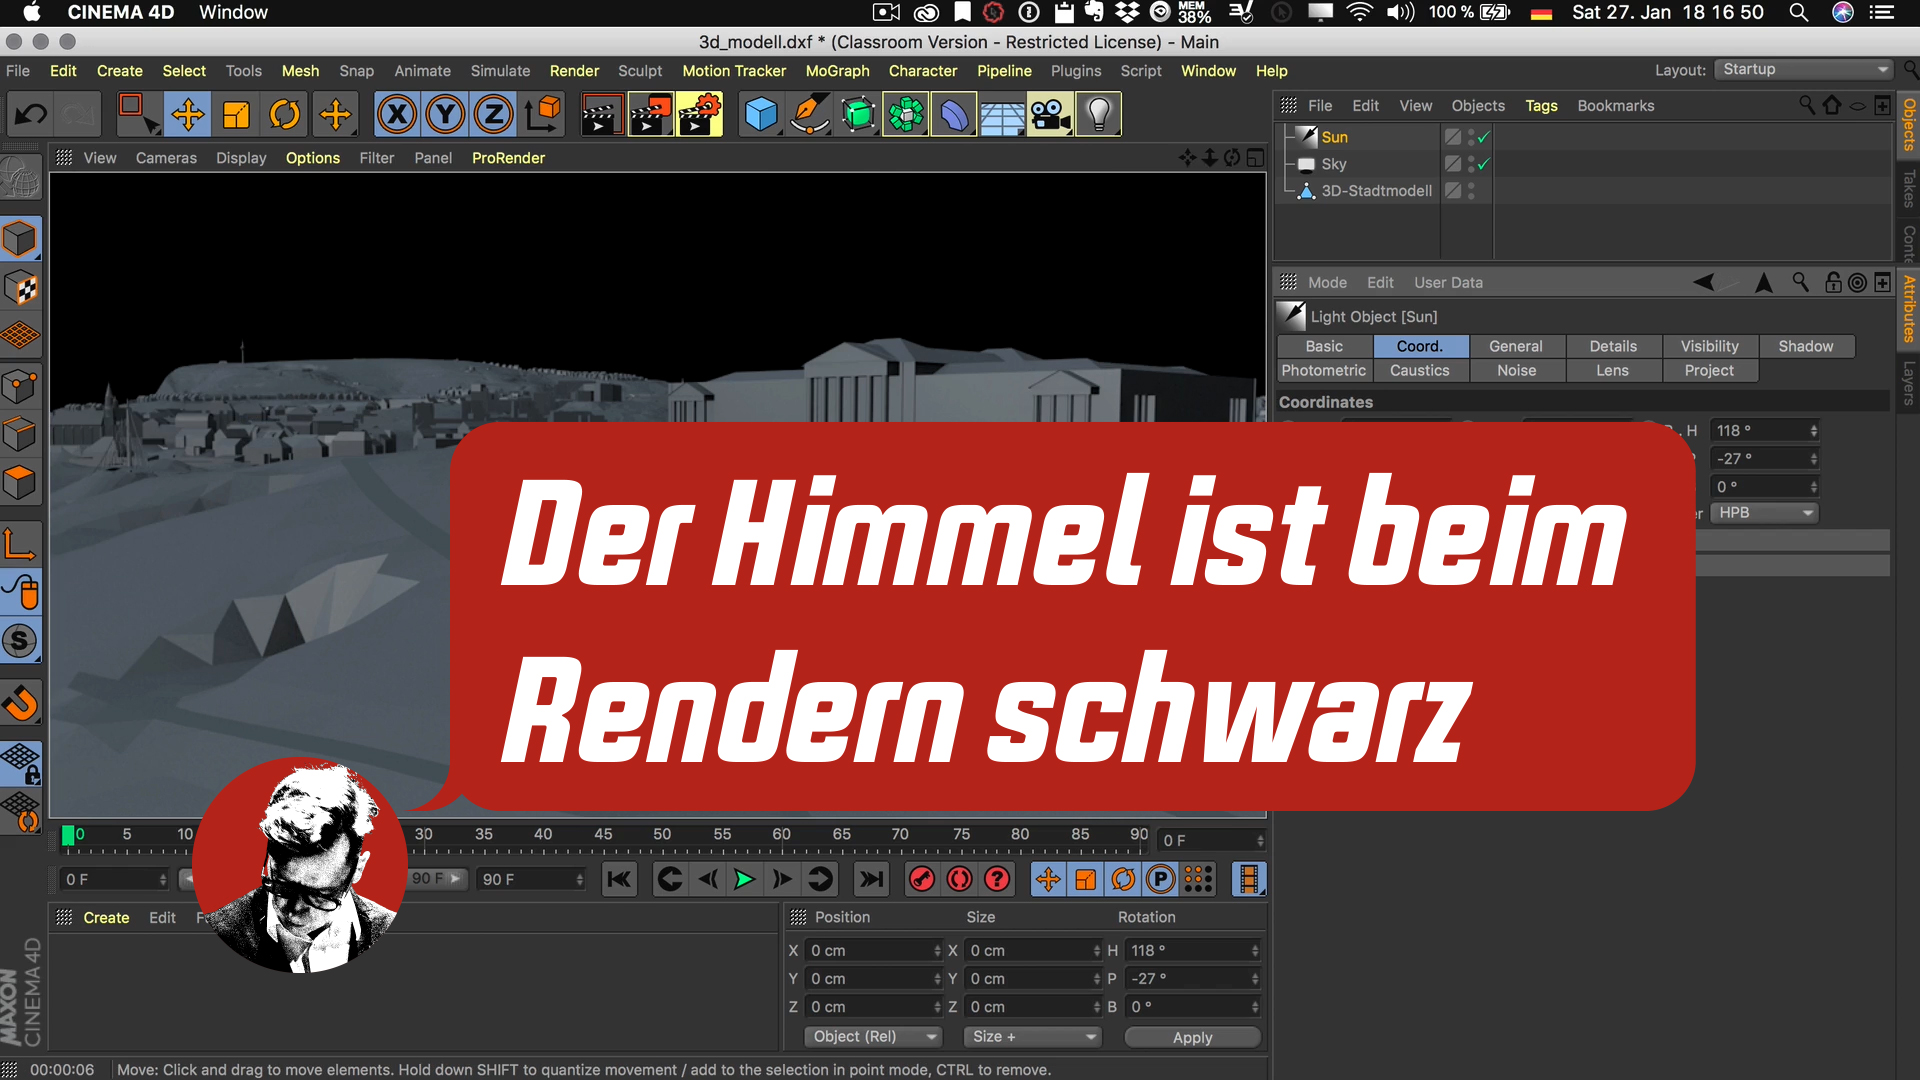 Cinema4D 3D-Stadtmodell Lichtquellen Flächenlicht Hintergrund schwarz